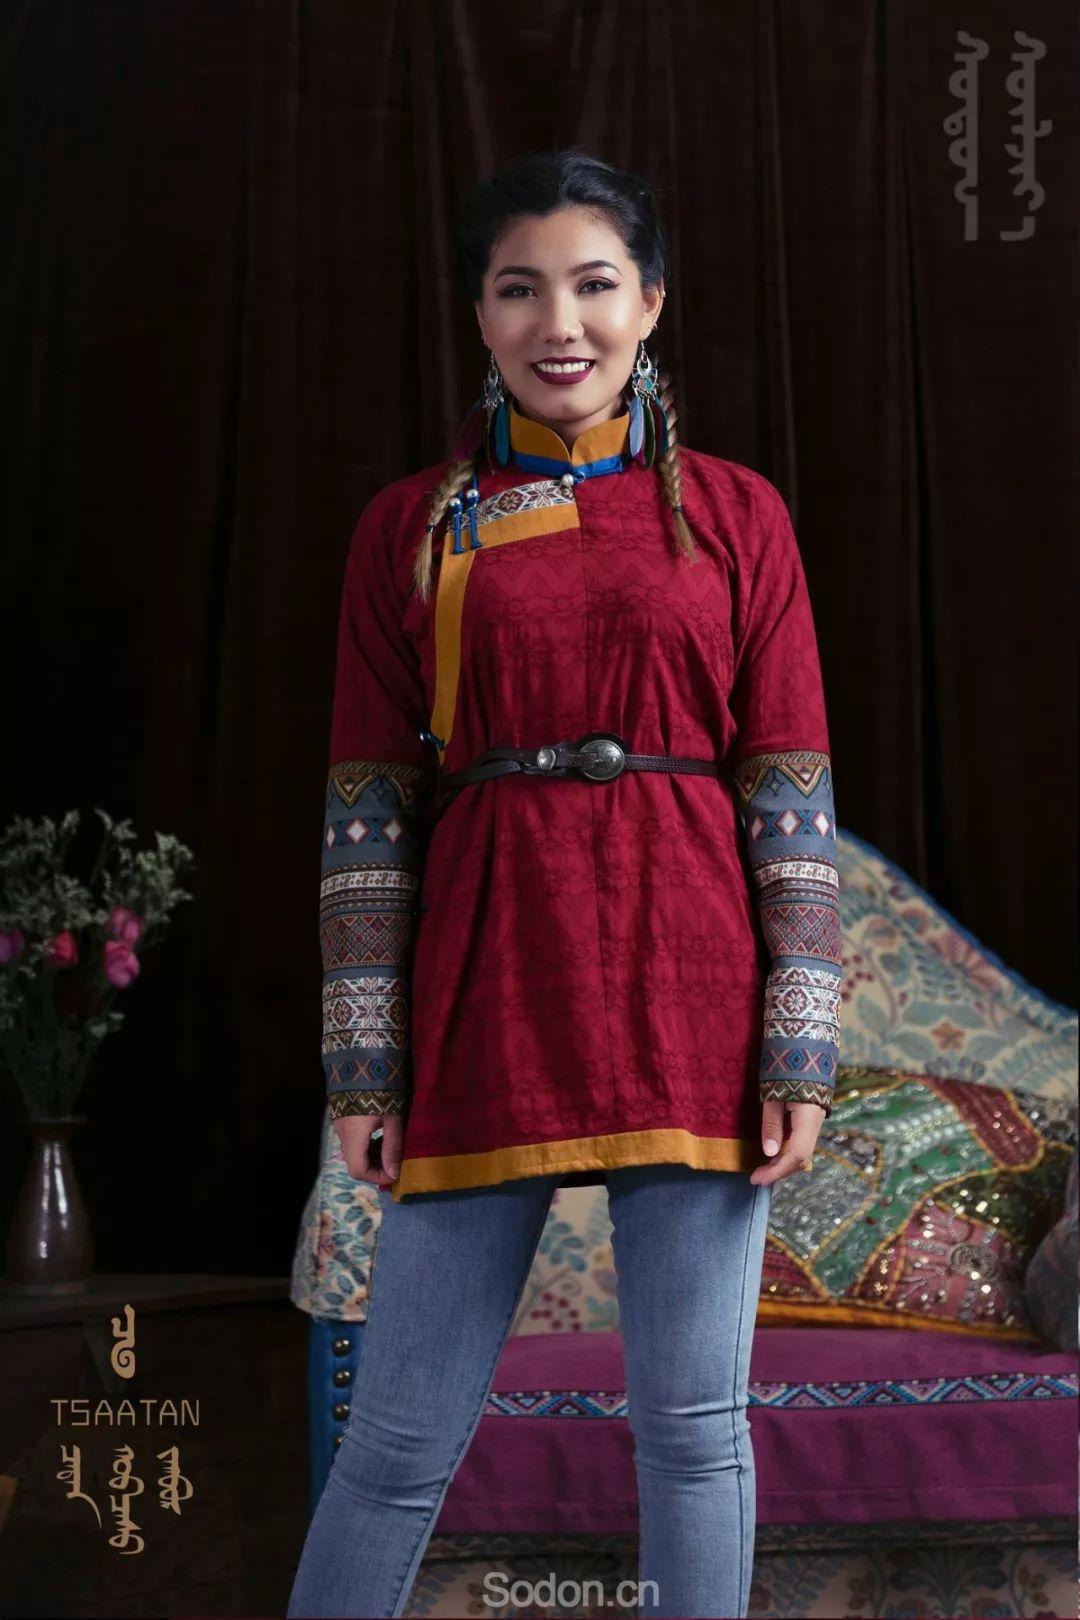 TSAATAN蒙古时装秋冬系列,来自驯鹿人的独特魅力! 第68张 TSAATAN蒙古时装秋冬系列,来自驯鹿人的独特魅力! 蒙古服饰